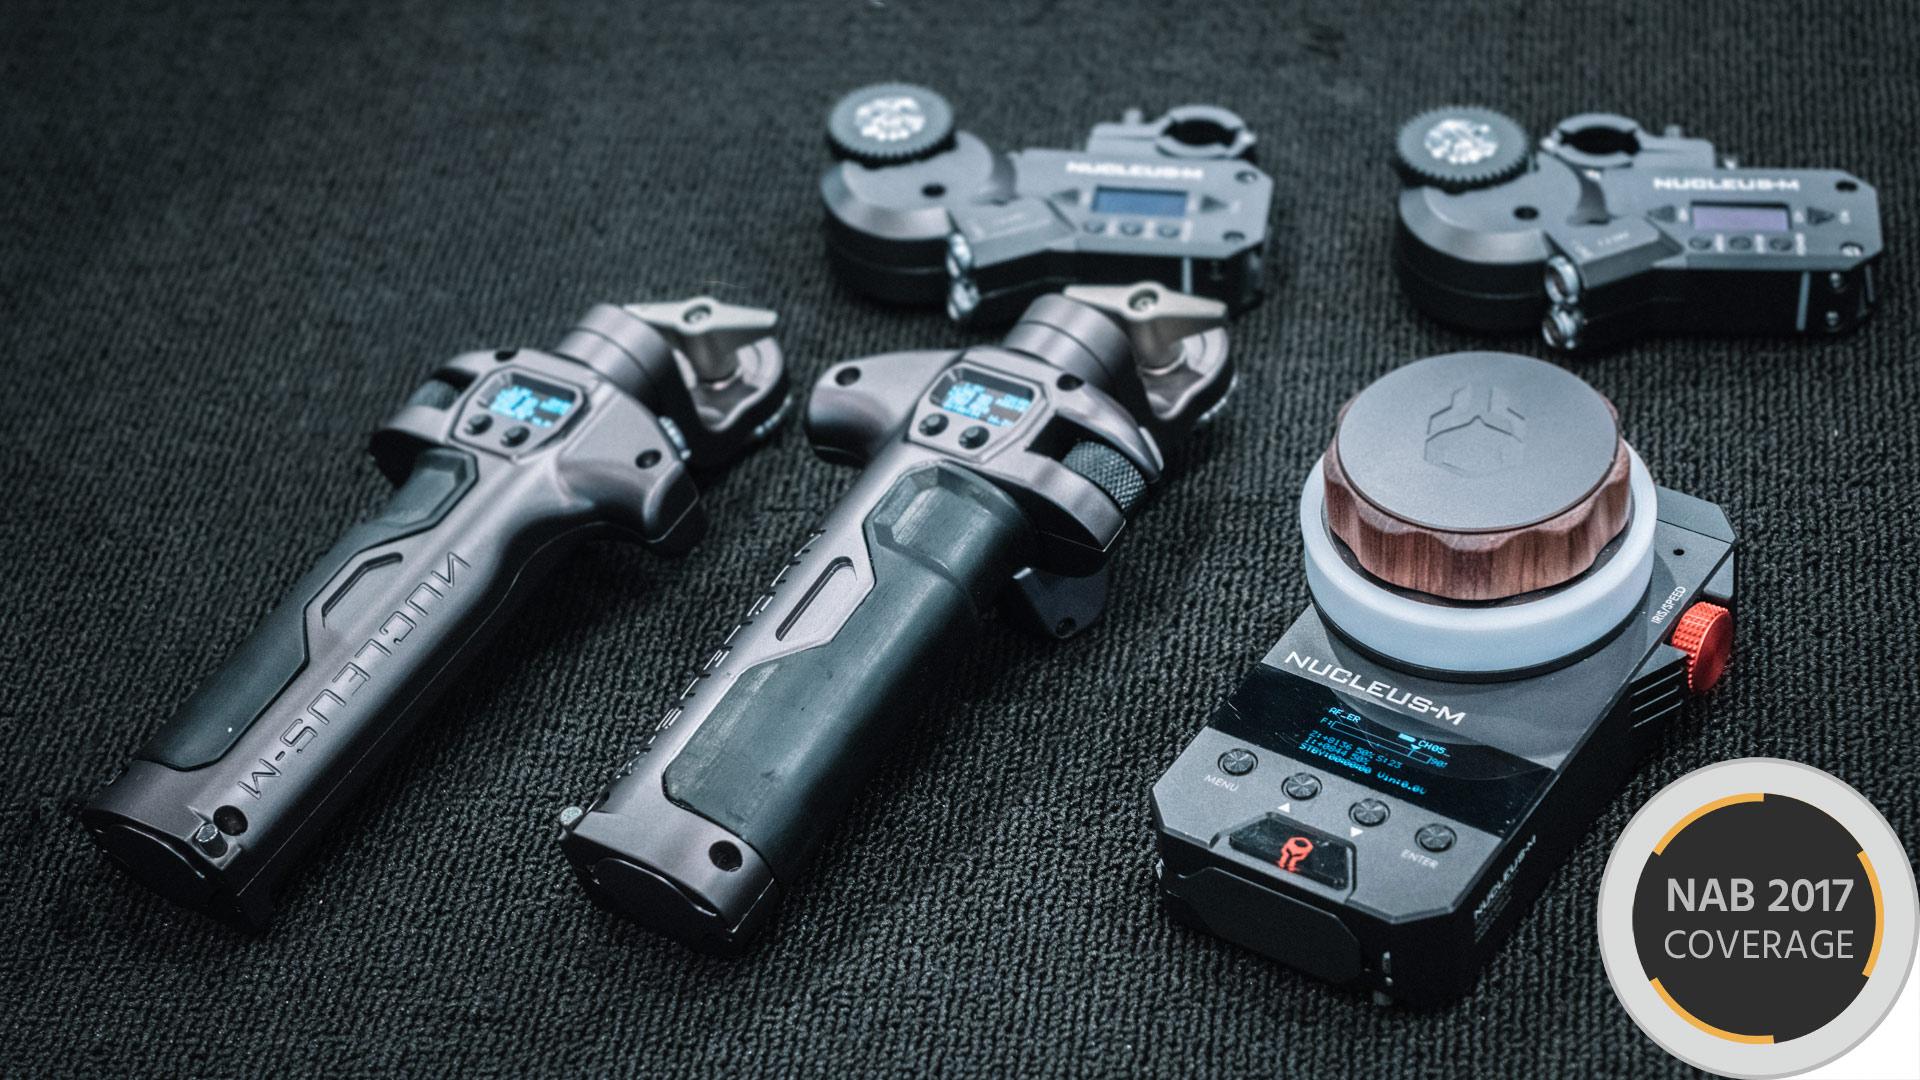 Tilta Nucleus-Mを発表 - $1200のワイヤレスレンズコントロールシステム